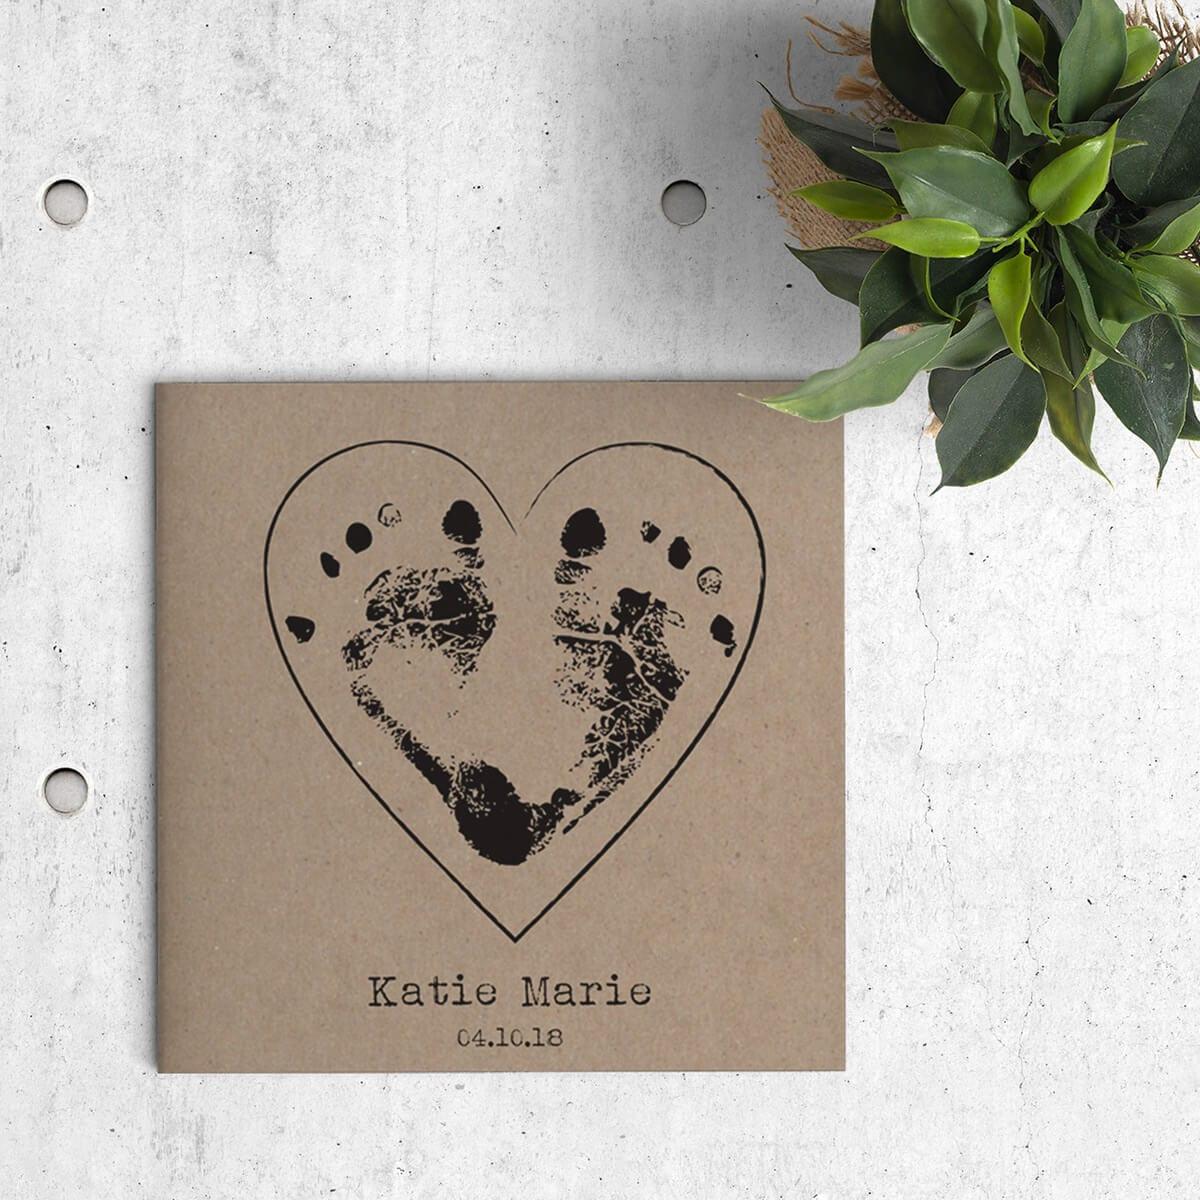 Geboortekaartje Voetafdrukjes op Kraft is een ontwerp gedrukt op kraftpapier, waarbij op de voorkant 2 voetafdrukjes van een baby een hartje vormen. Voorzijde van kaartje.